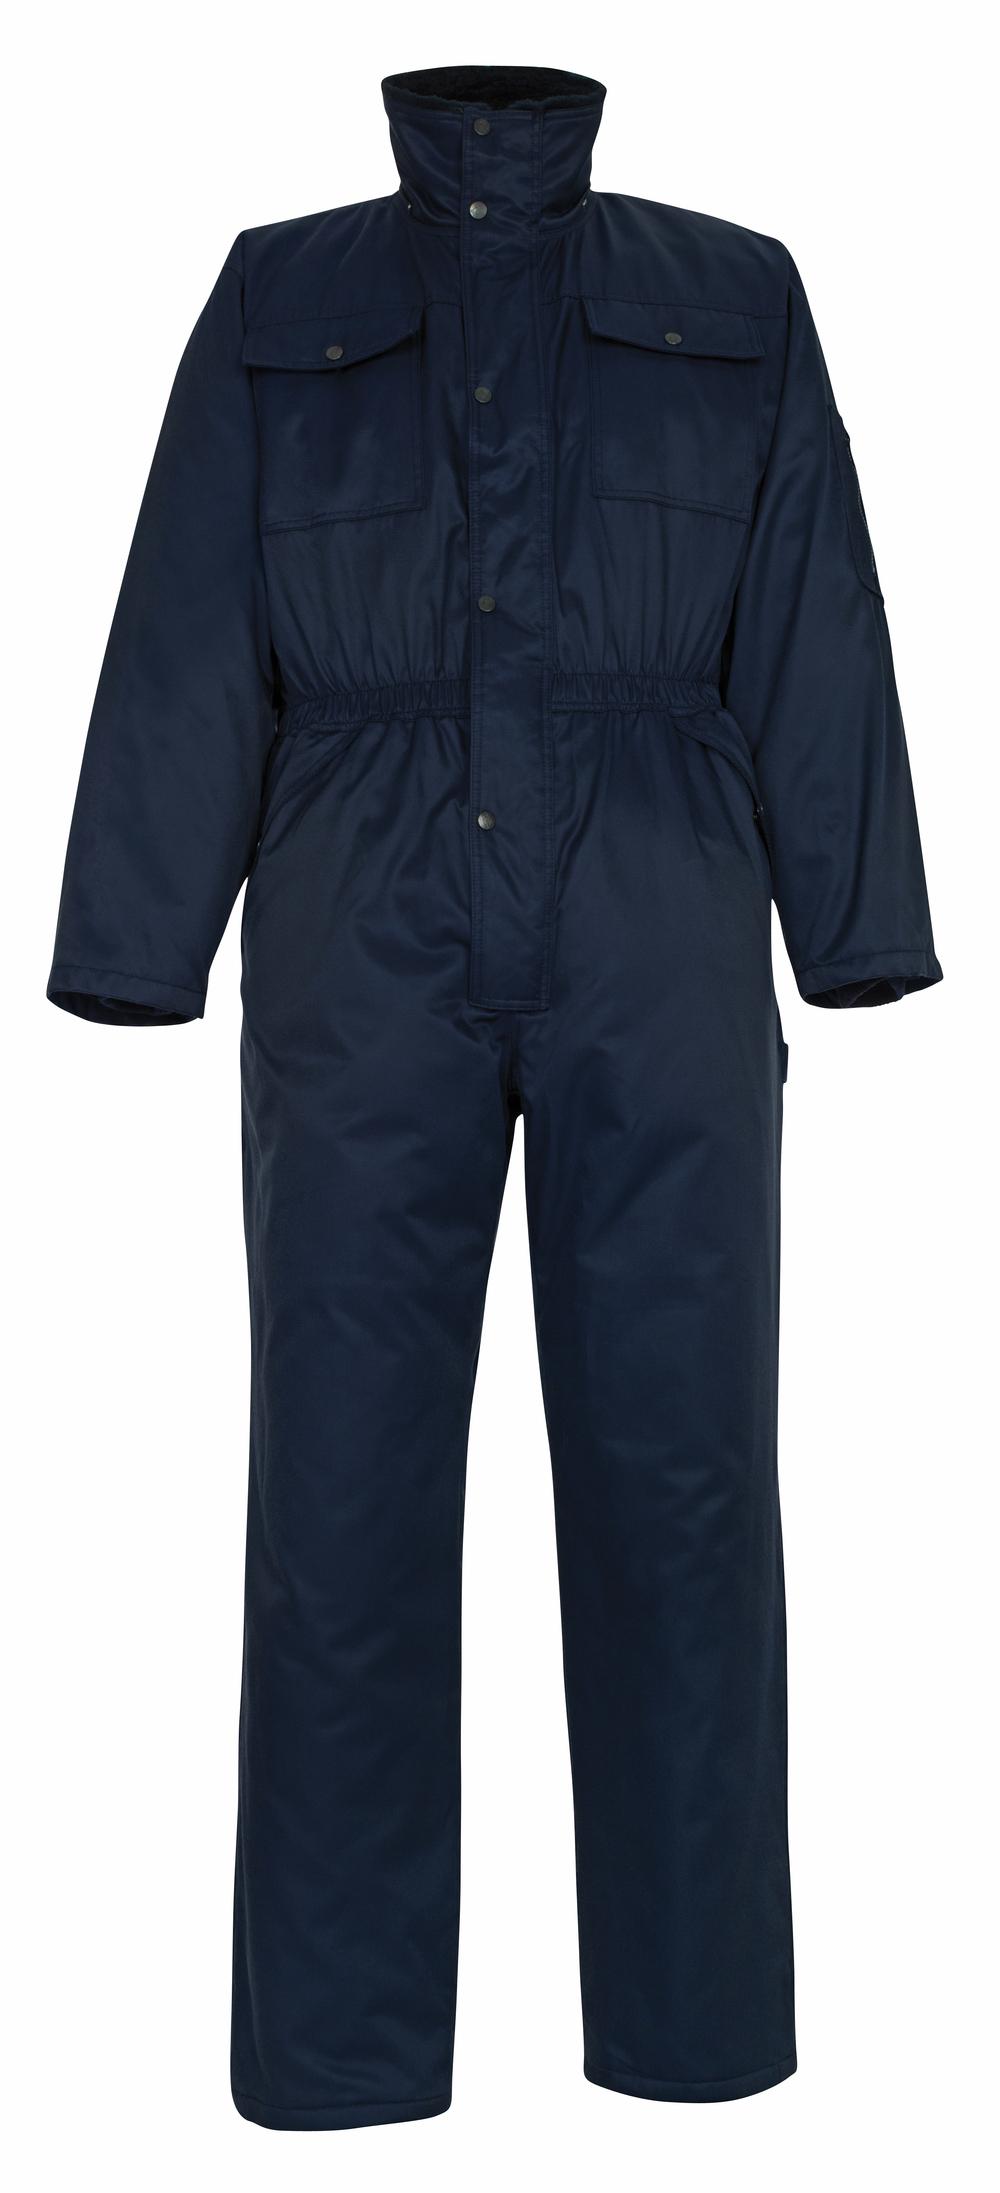 00517-620-01 Tuta antifreddo - blu navy